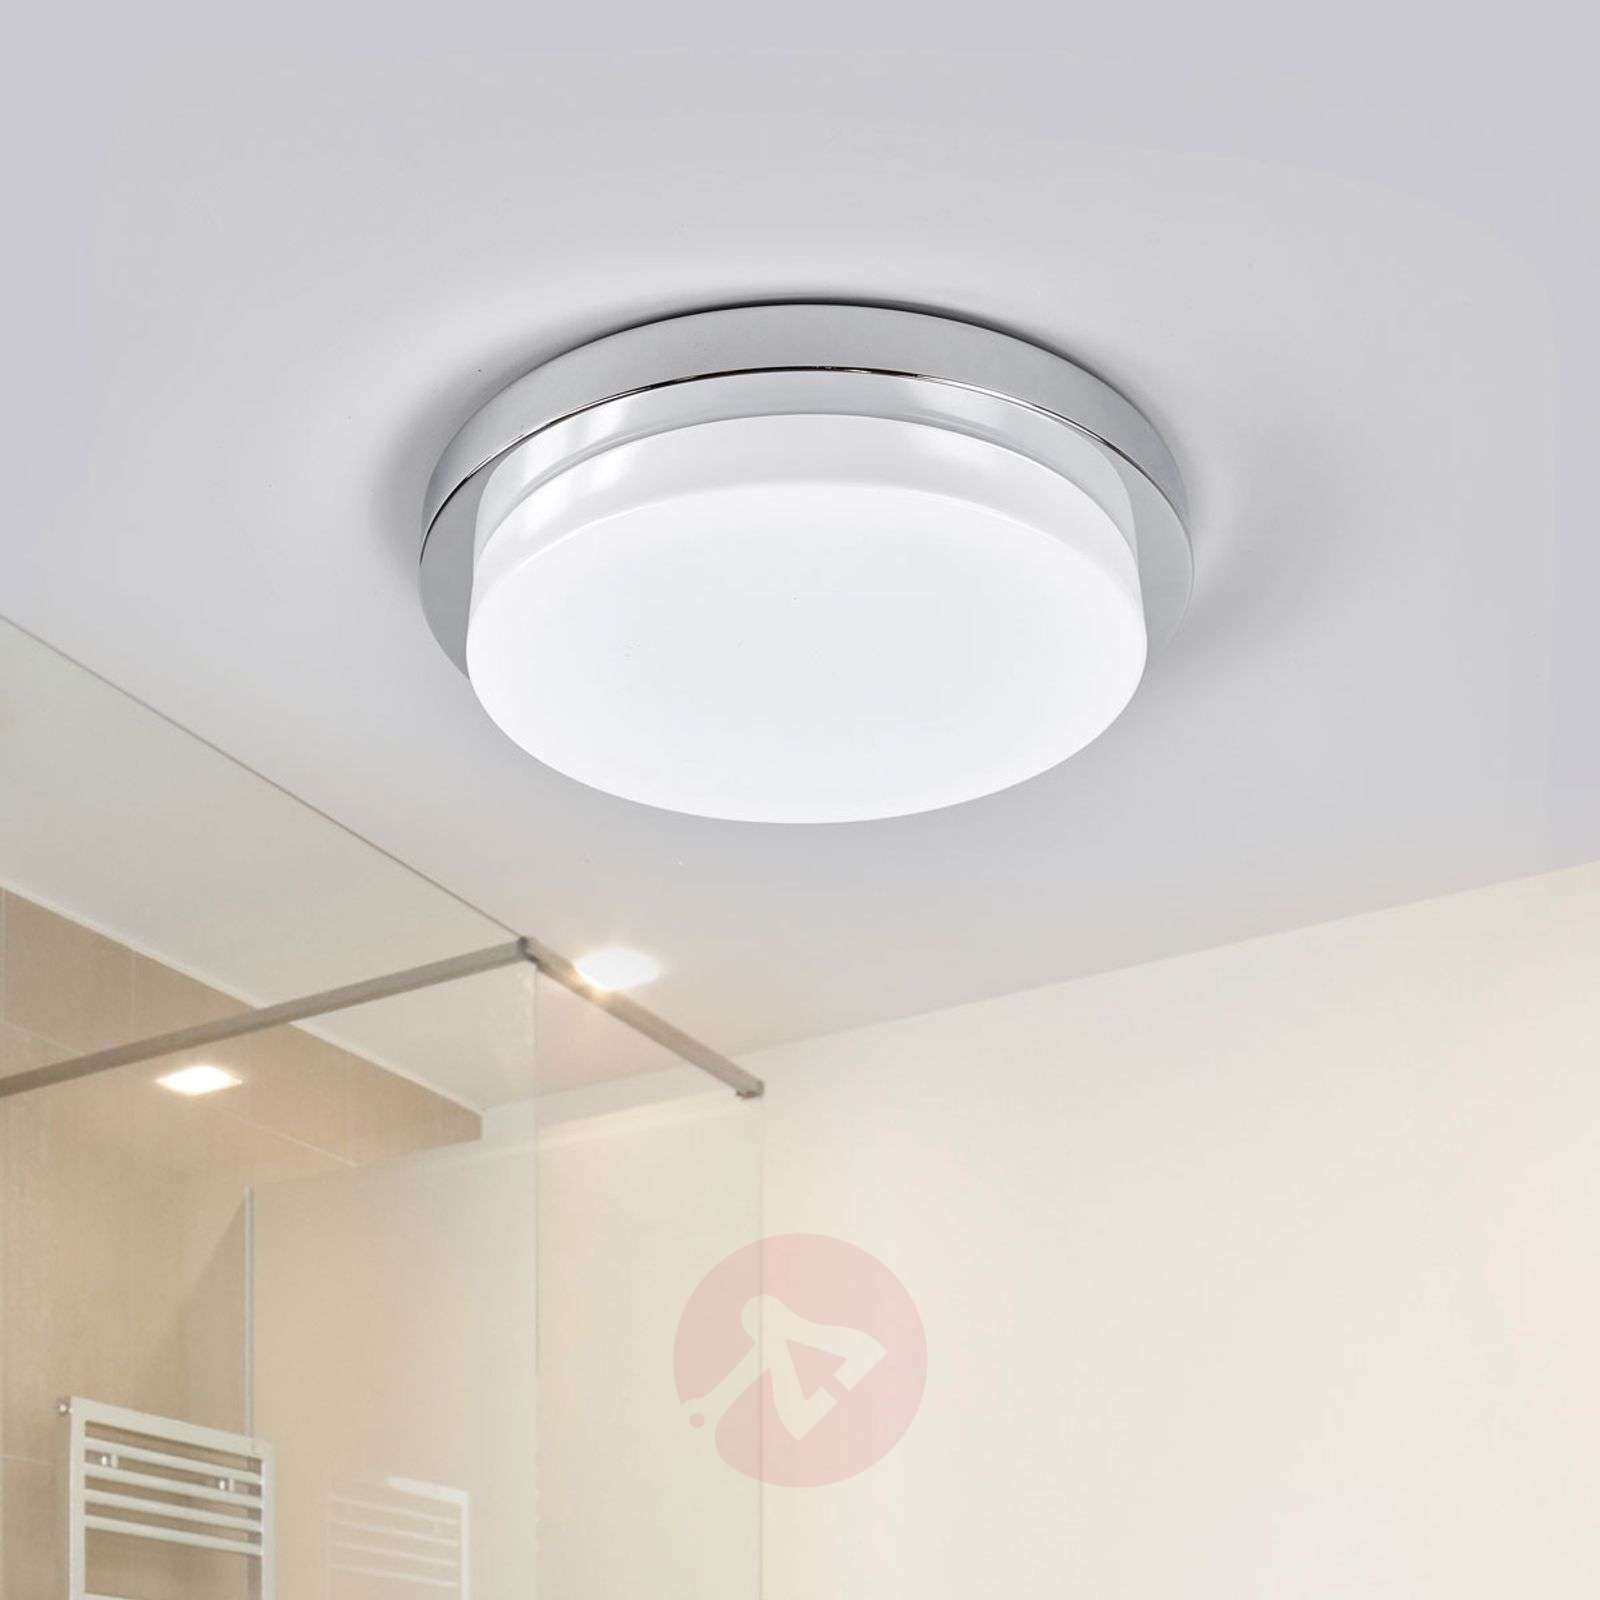 Krominkiiltävä LED-kattovalaisin Cordula, IP44-9641094-02